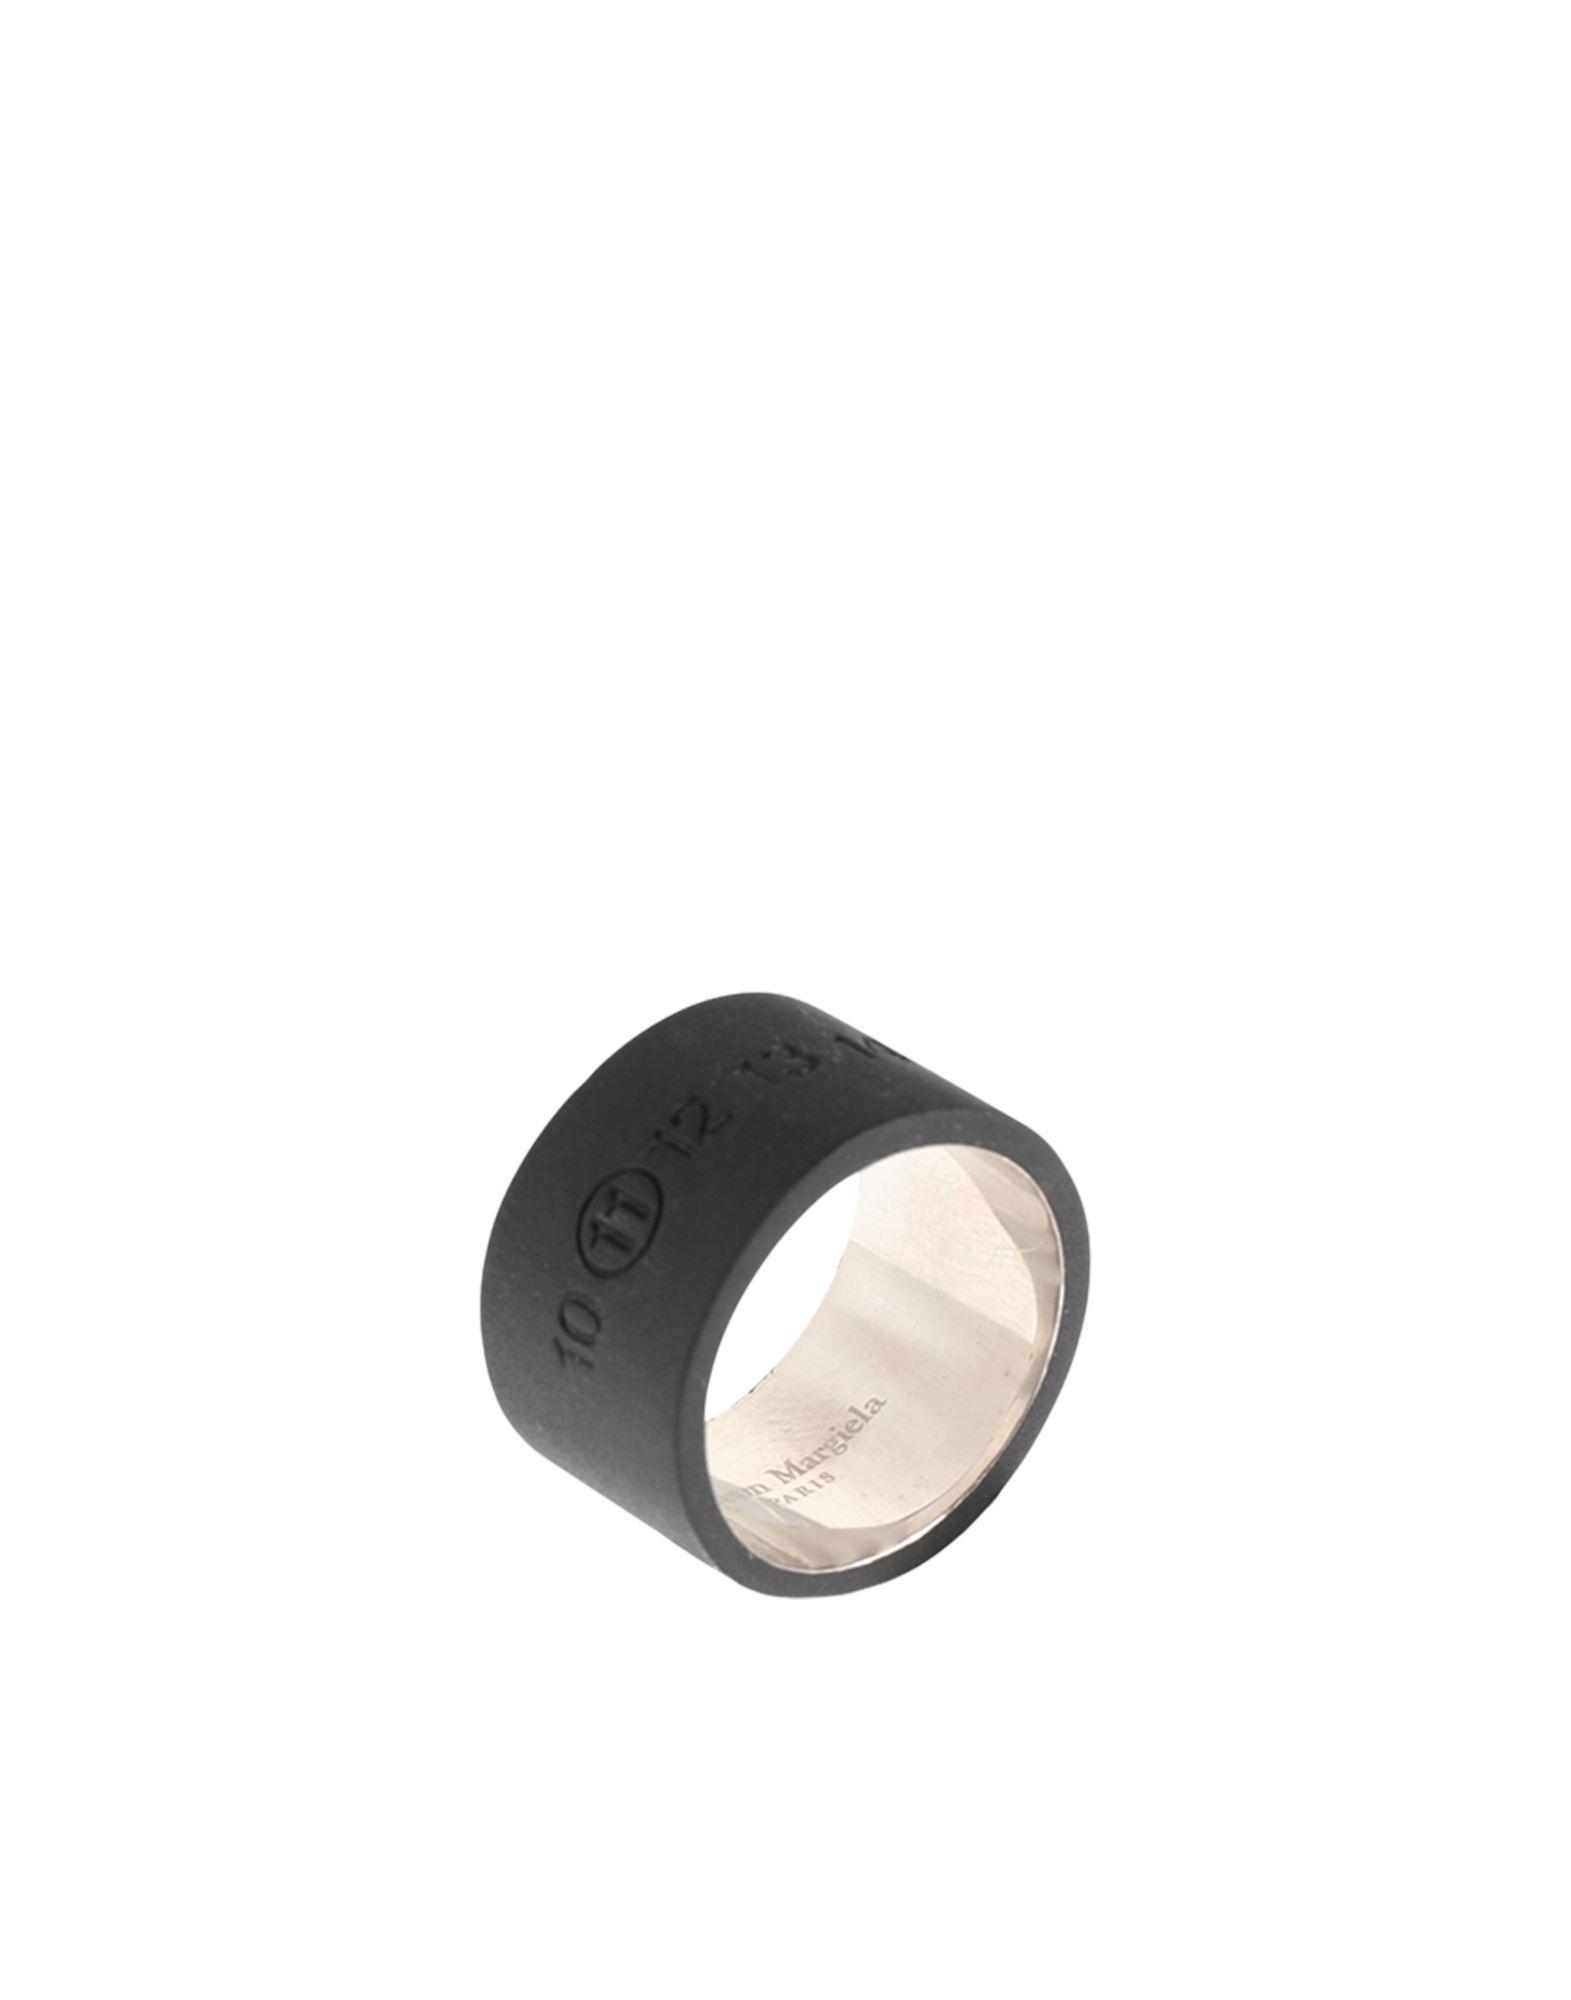 MAISON MARGIELA メゾン マルジェラ メンズ 指輪 ブラック